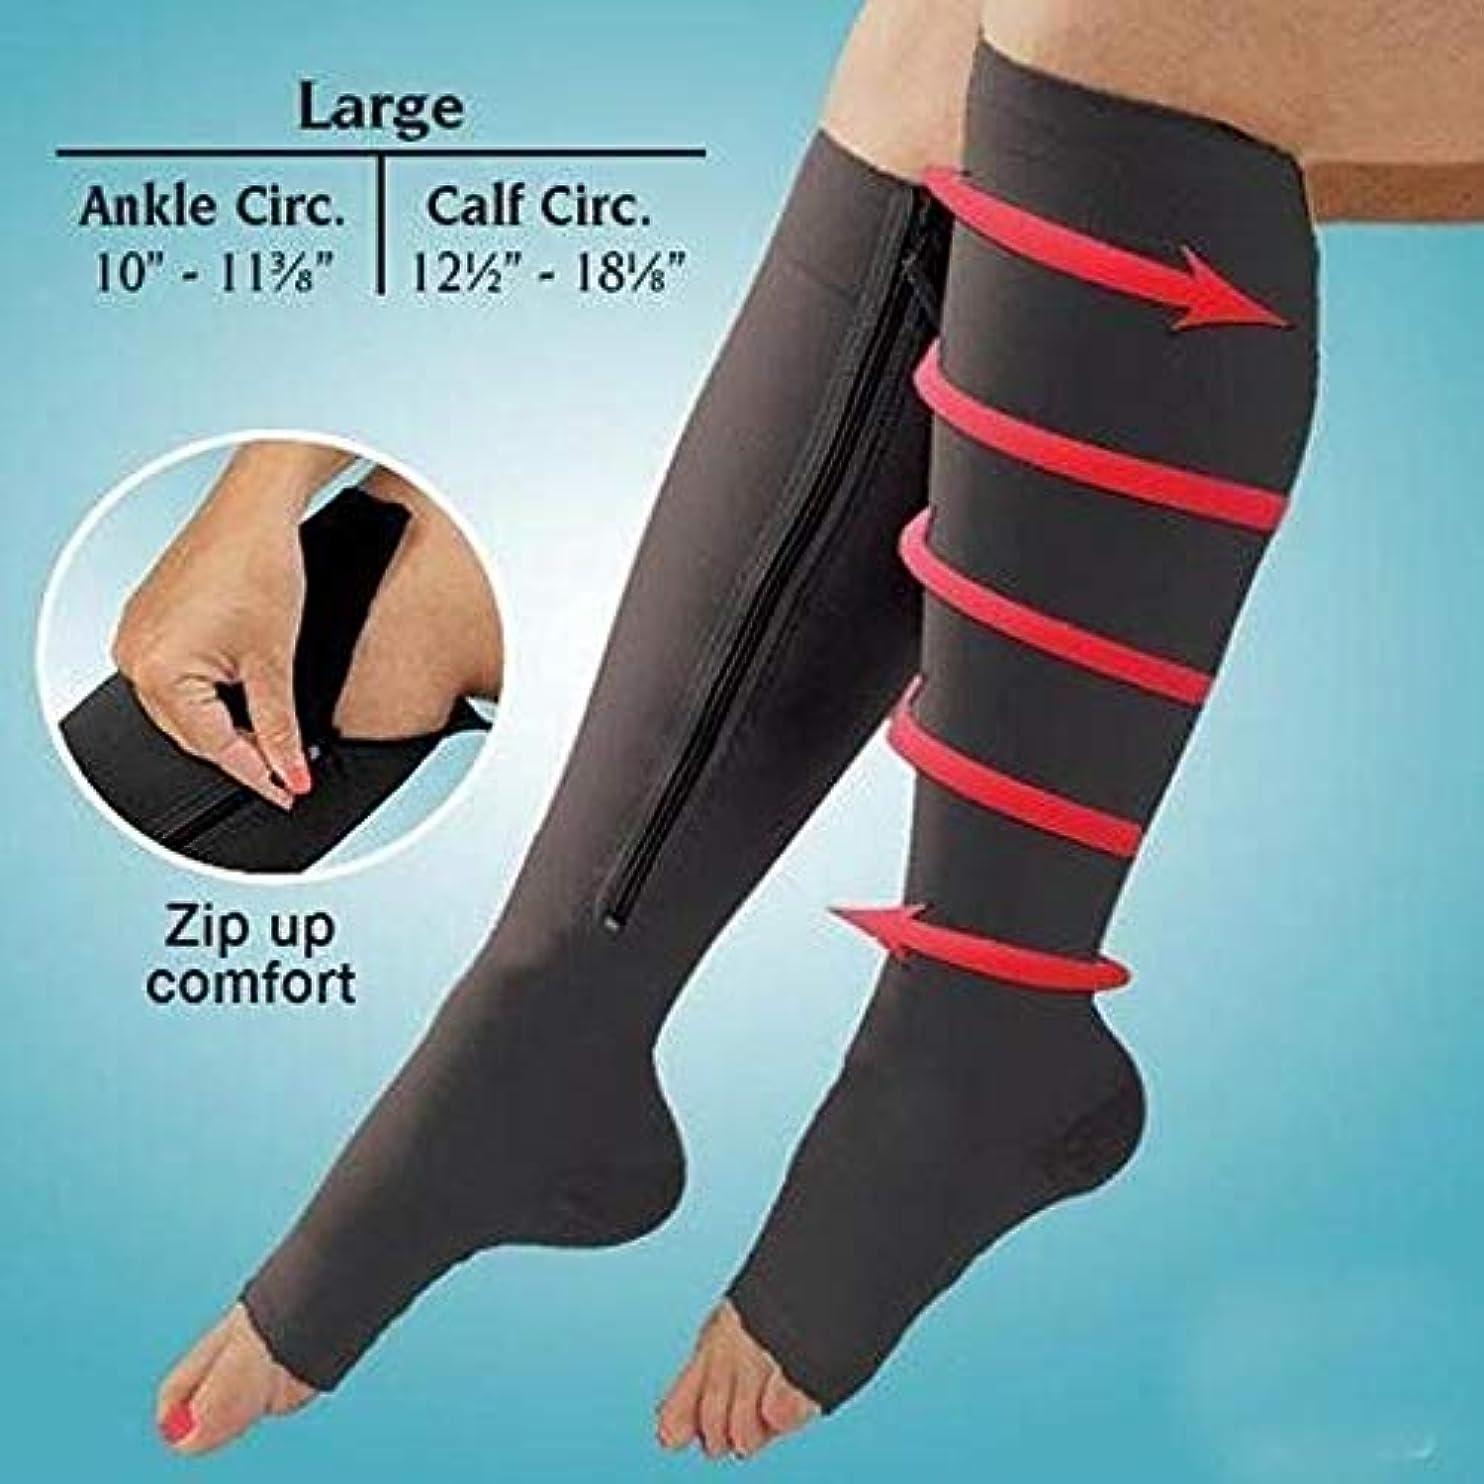 眩惑する変える休日1 ペア静脈瘤処理ソックス圧縮ジッパー靴下女性のスリム睡眠脚 Shapper 圧縮脂肪燃焼マッサージ